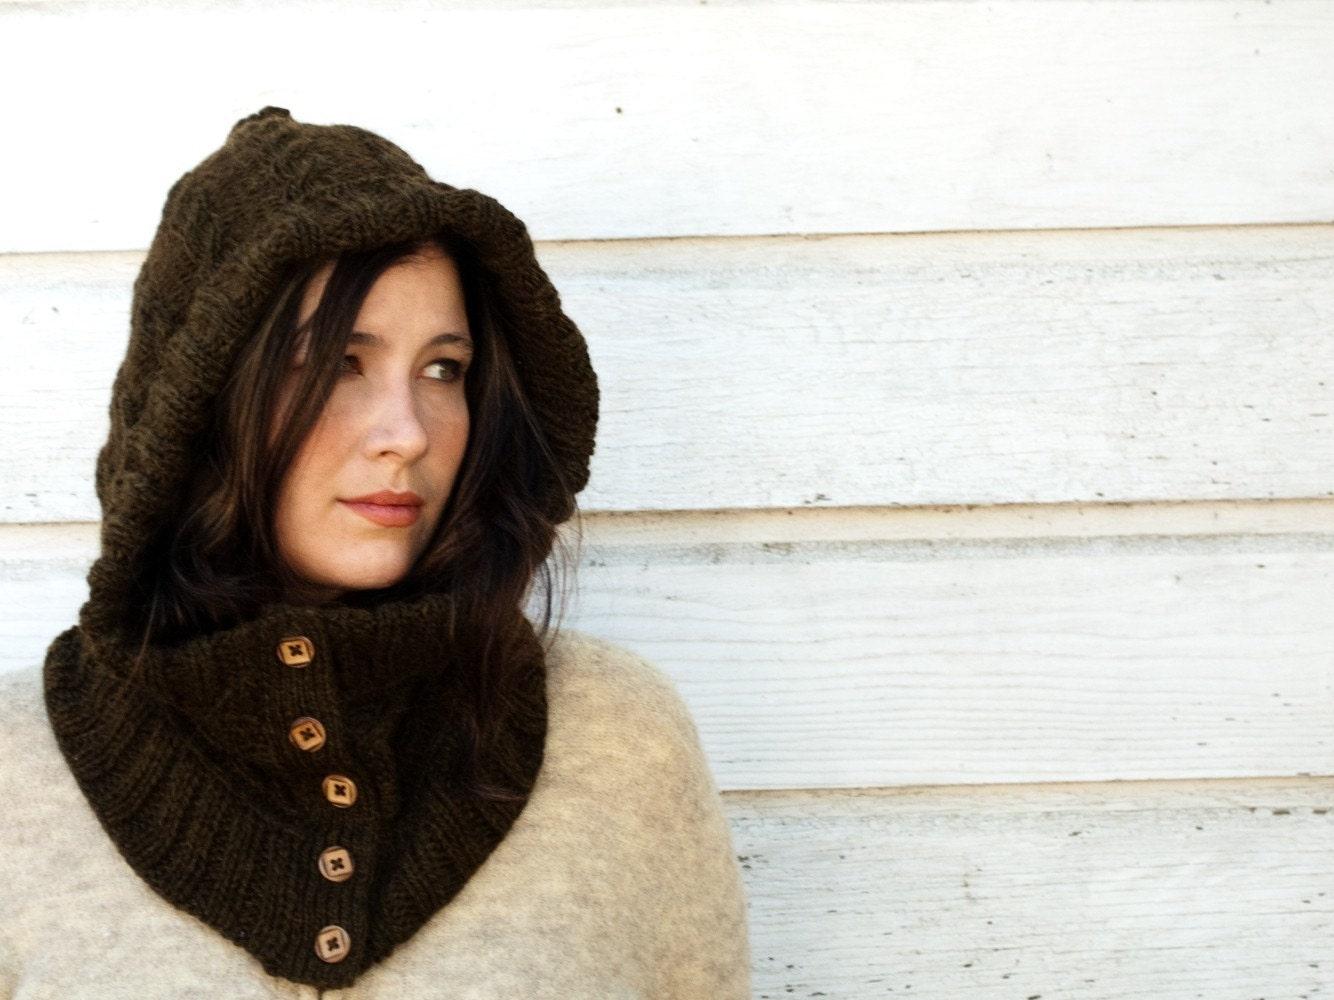 Hooded Neck Warmer Knitting Pattern : Nottingham Hand Knit Hooded Neck Warmer